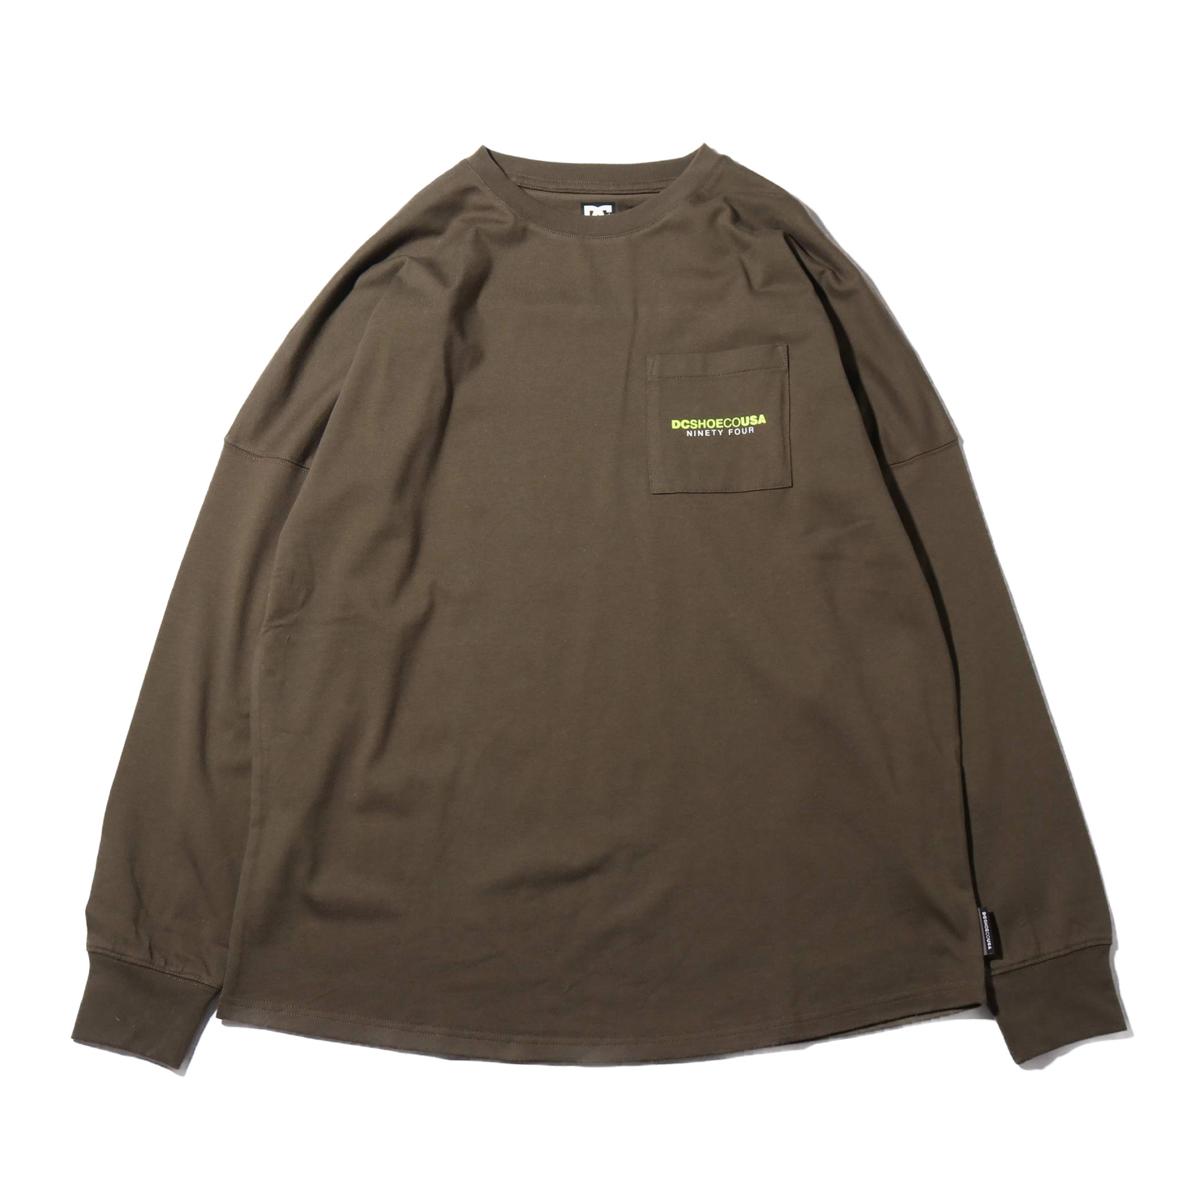 DC SHOES 19 BACKTAPE LS(ディーシー シューズ バックテープ ロングスリーブ)OLIVE【メンズ 長袖Tシャツ】19FW-I